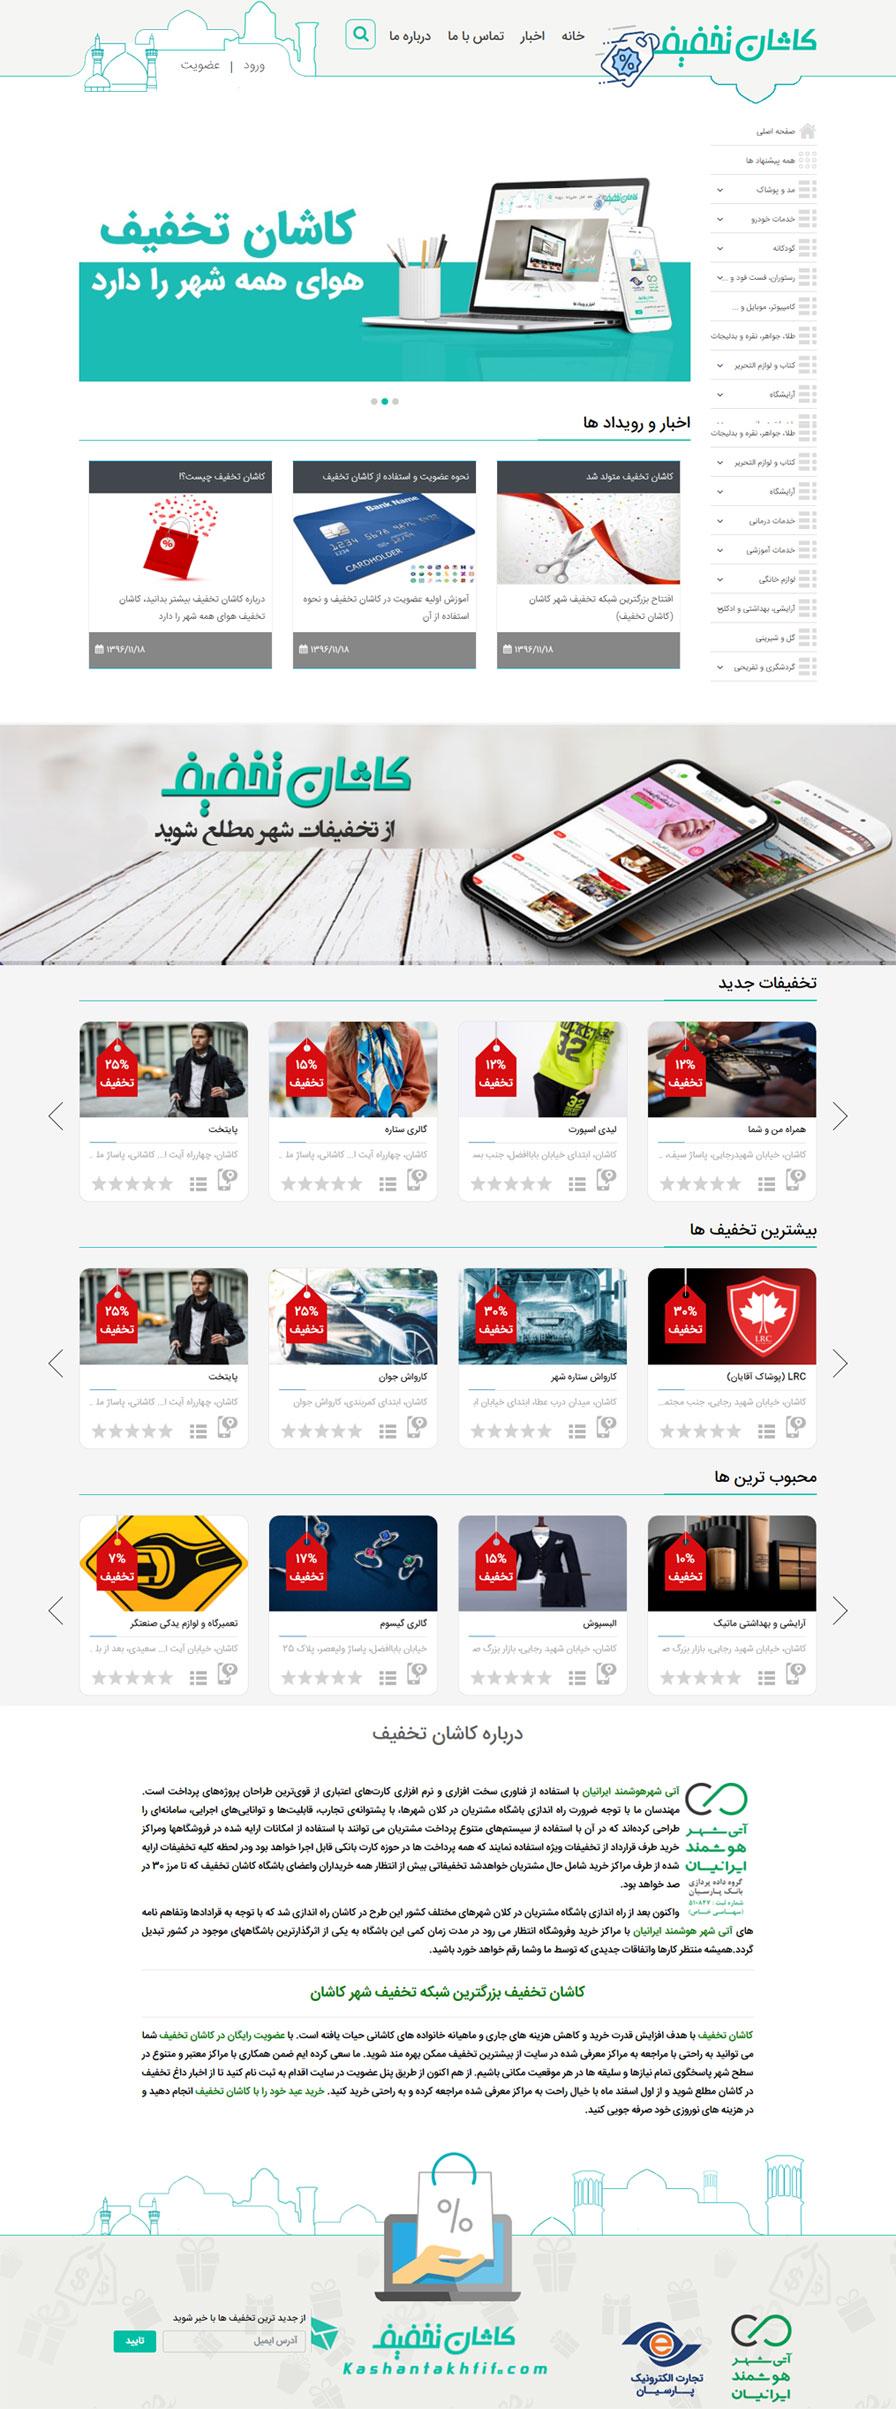 وب سایت کاشان تخفیف به سفارش شرکت آتی شهر ایرانیان